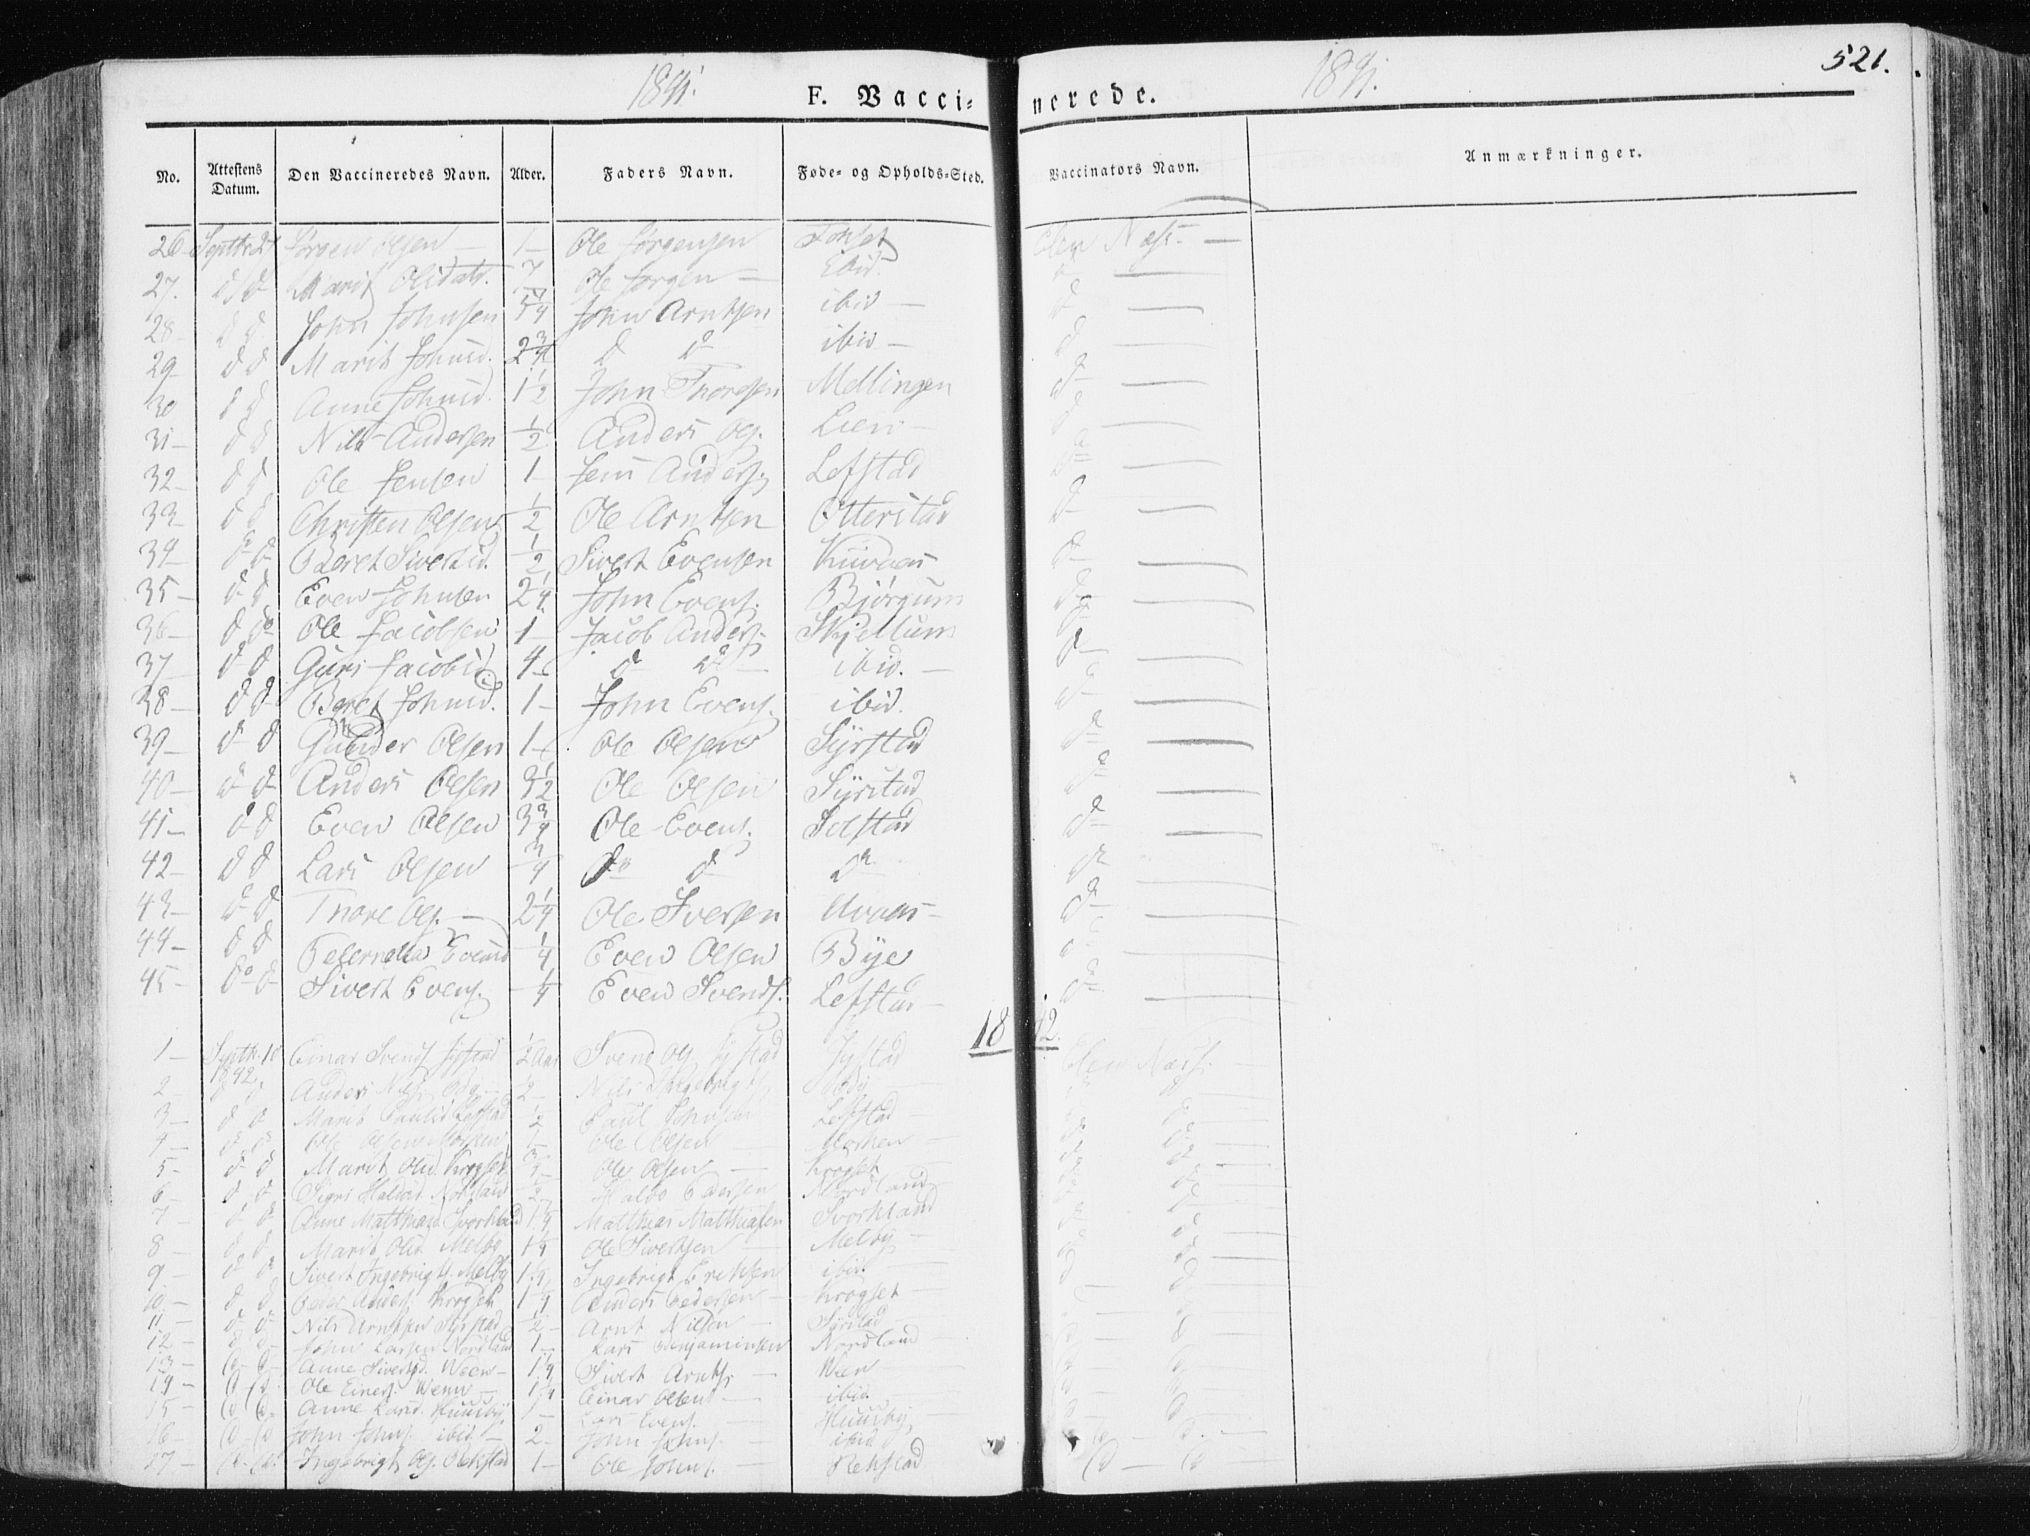 SAT, Ministerialprotokoller, klokkerbøker og fødselsregistre - Sør-Trøndelag, 665/L0771: Ministerialbok nr. 665A06, 1830-1856, s. 521